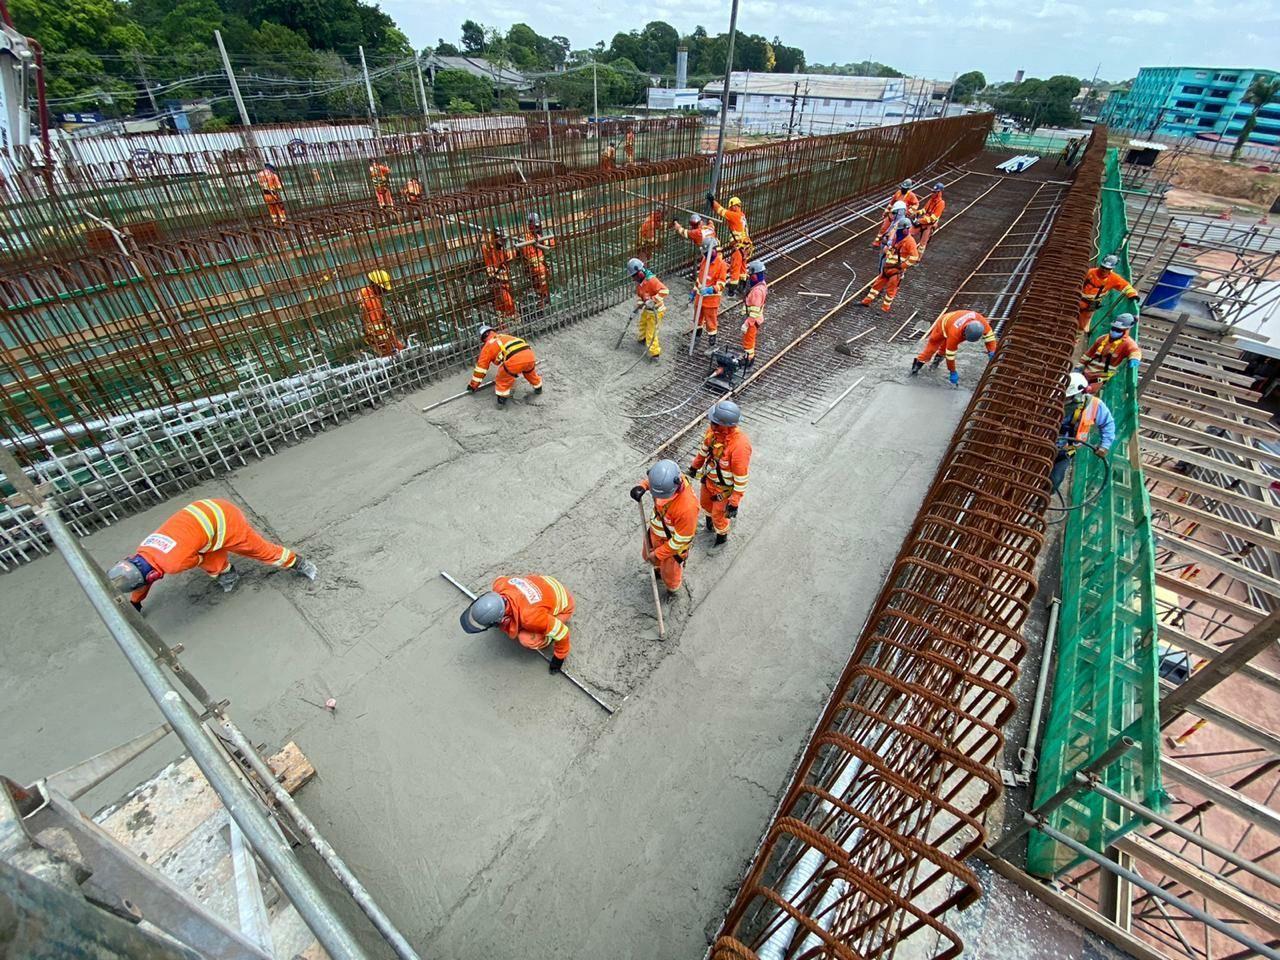 Referência no setor da construção civil, a construtora Concremat está com vagas de emprego abertas para técnicos, ajudante, engenheiros e mais